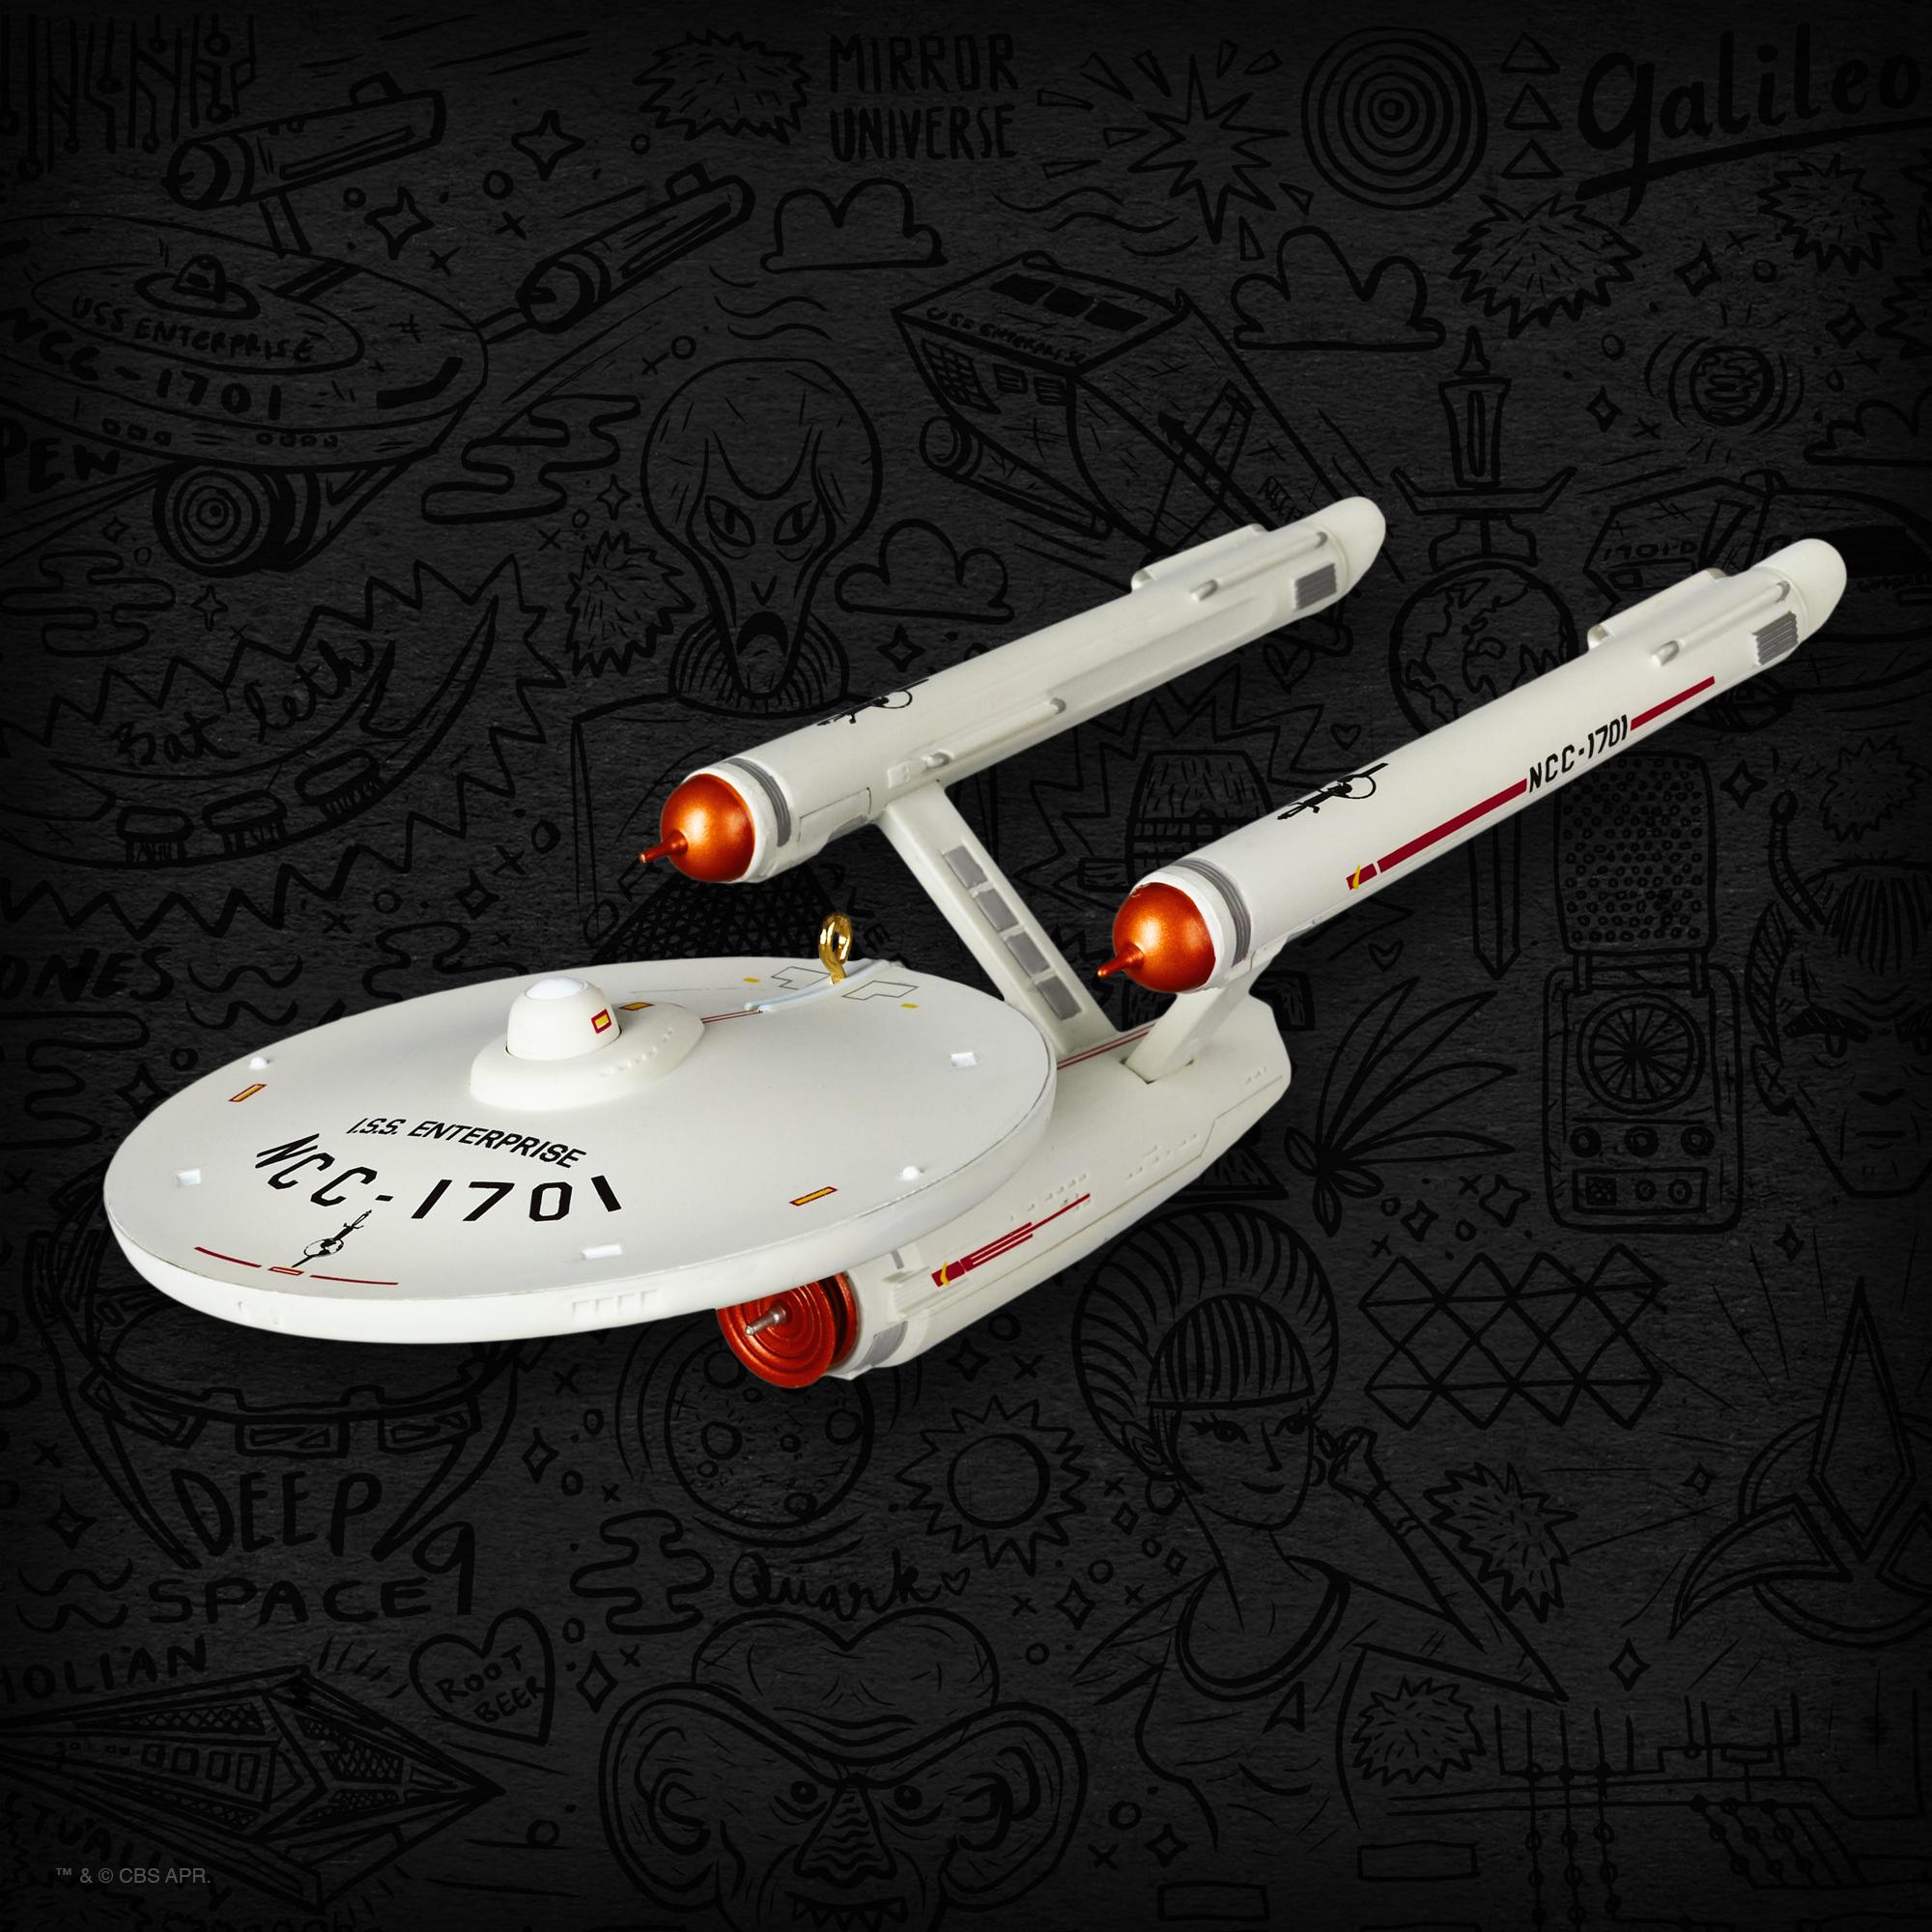 Star Trek 2019 Convention Exclusive Hallmark Ornament